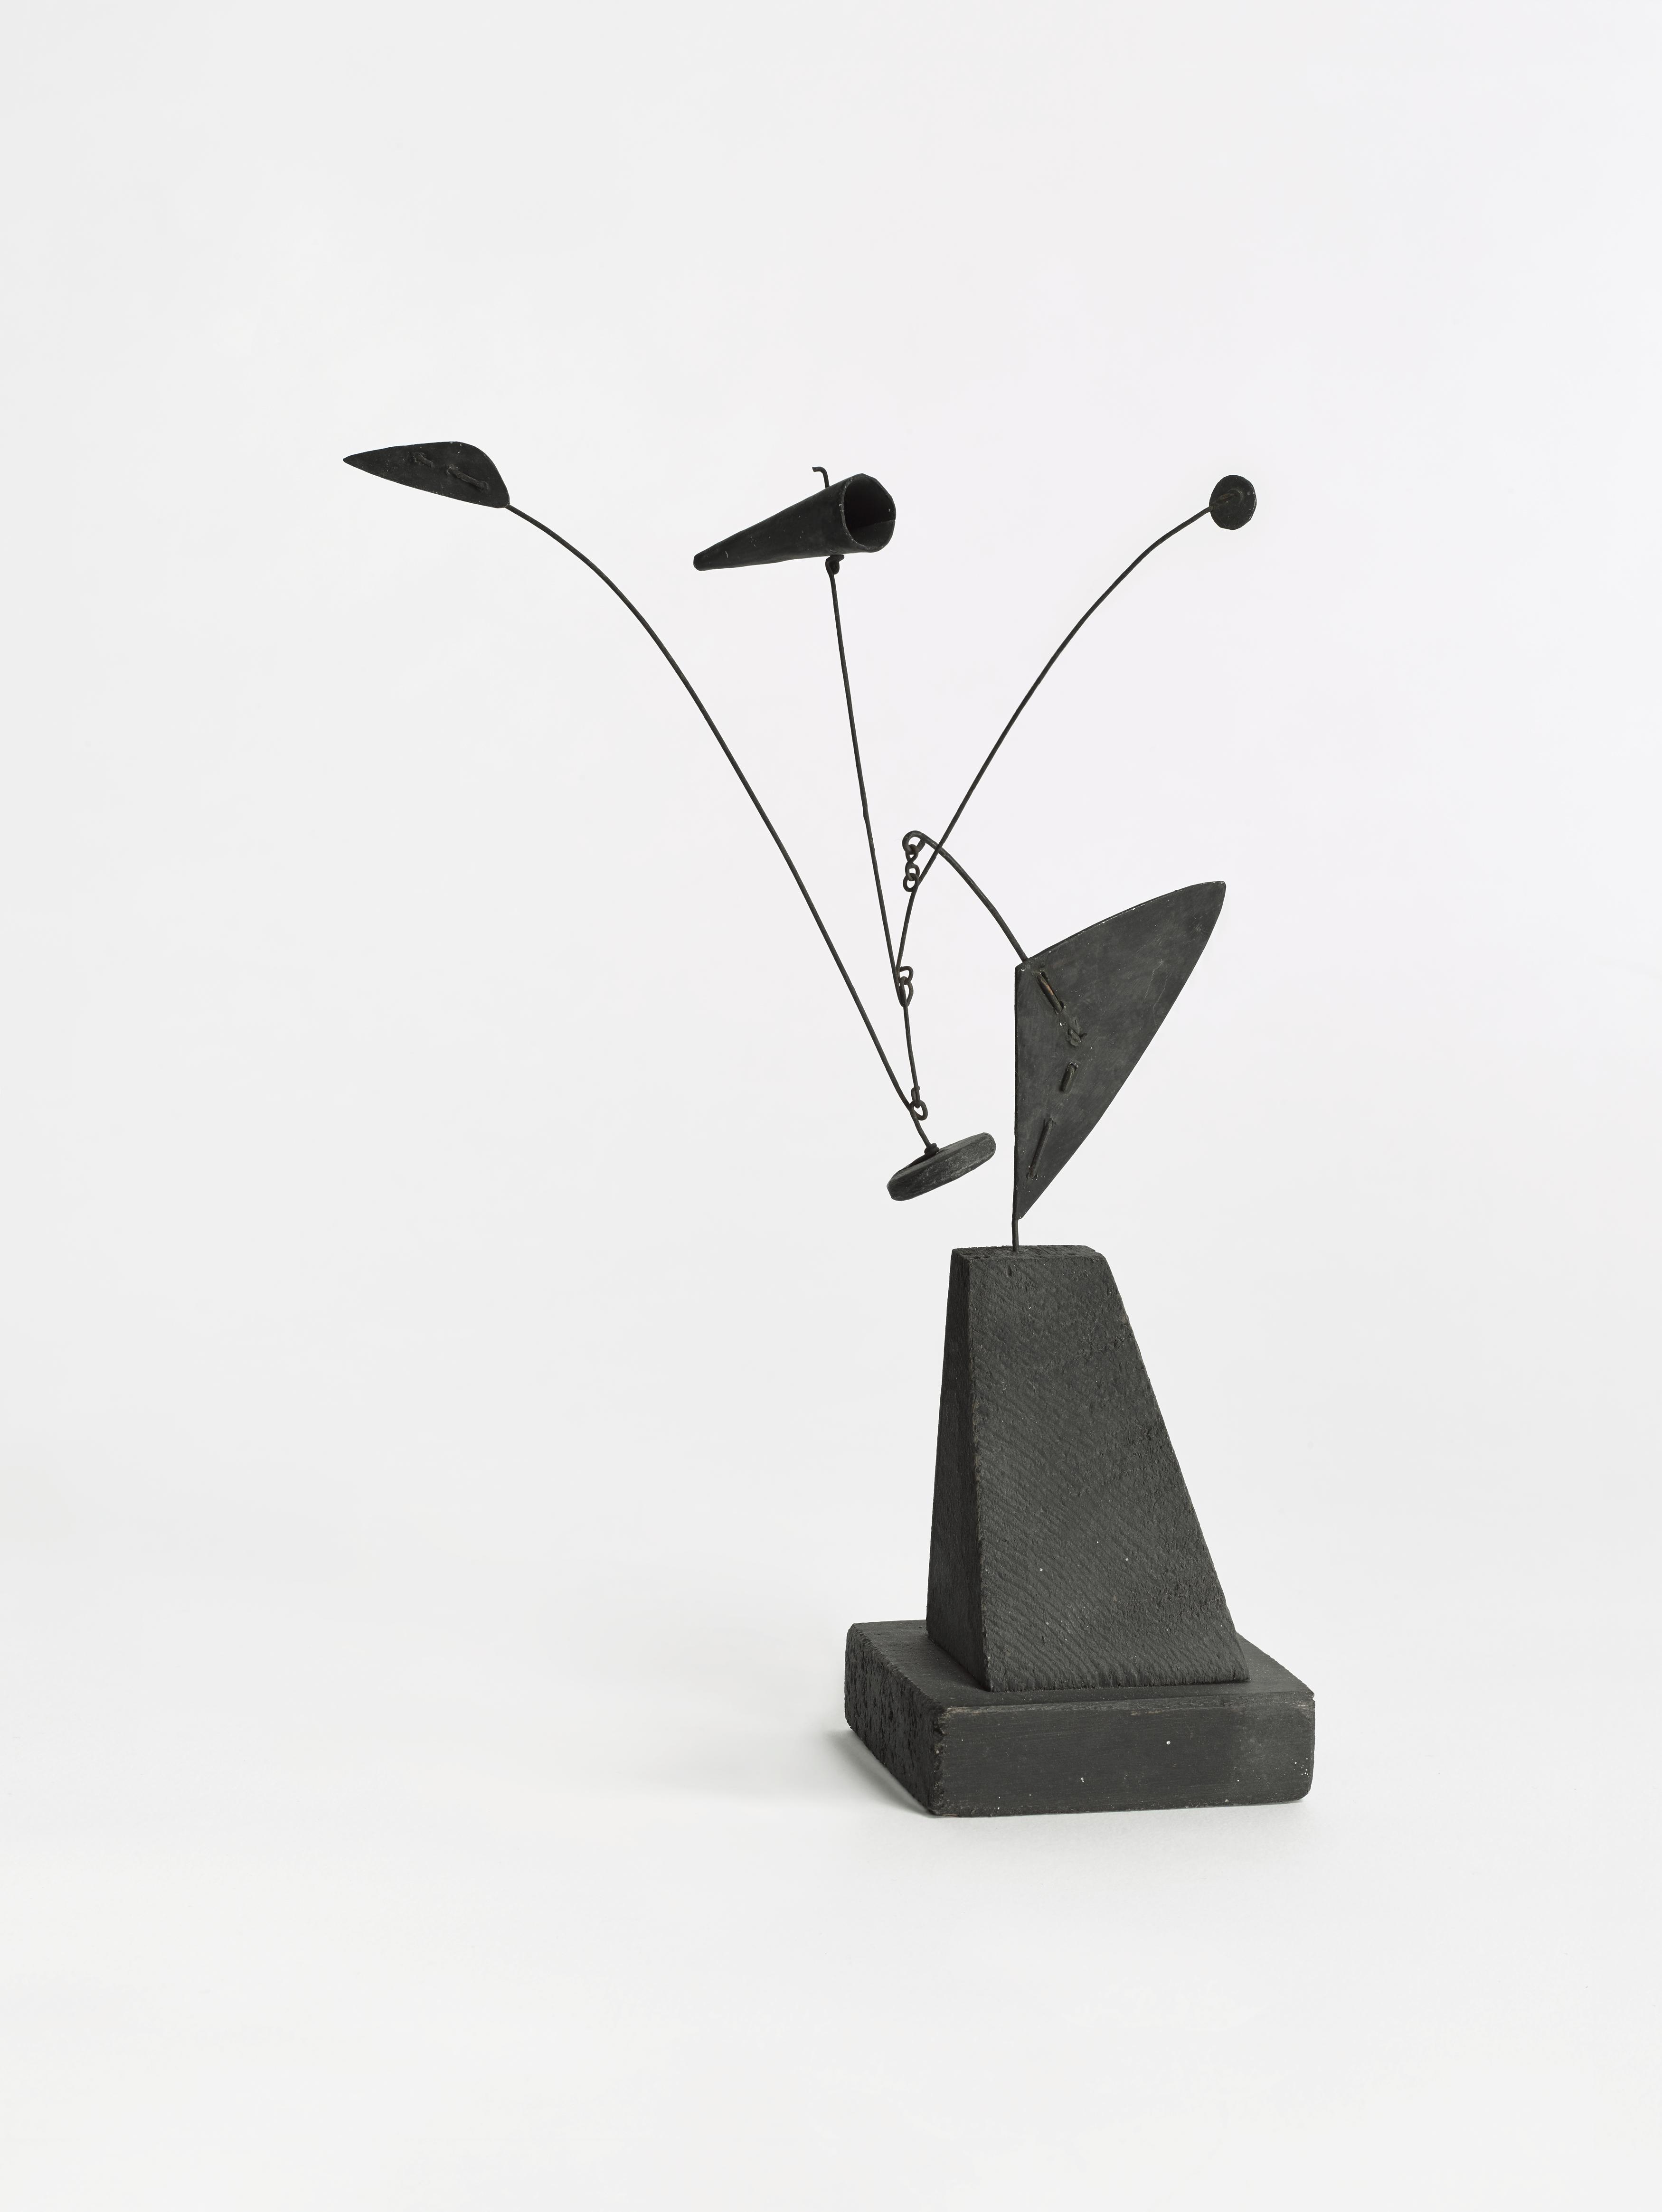 Alexander Calder. Untitled (maquette), 1939 © 2019 Calder Foundation, New York / VEGAP, Santander